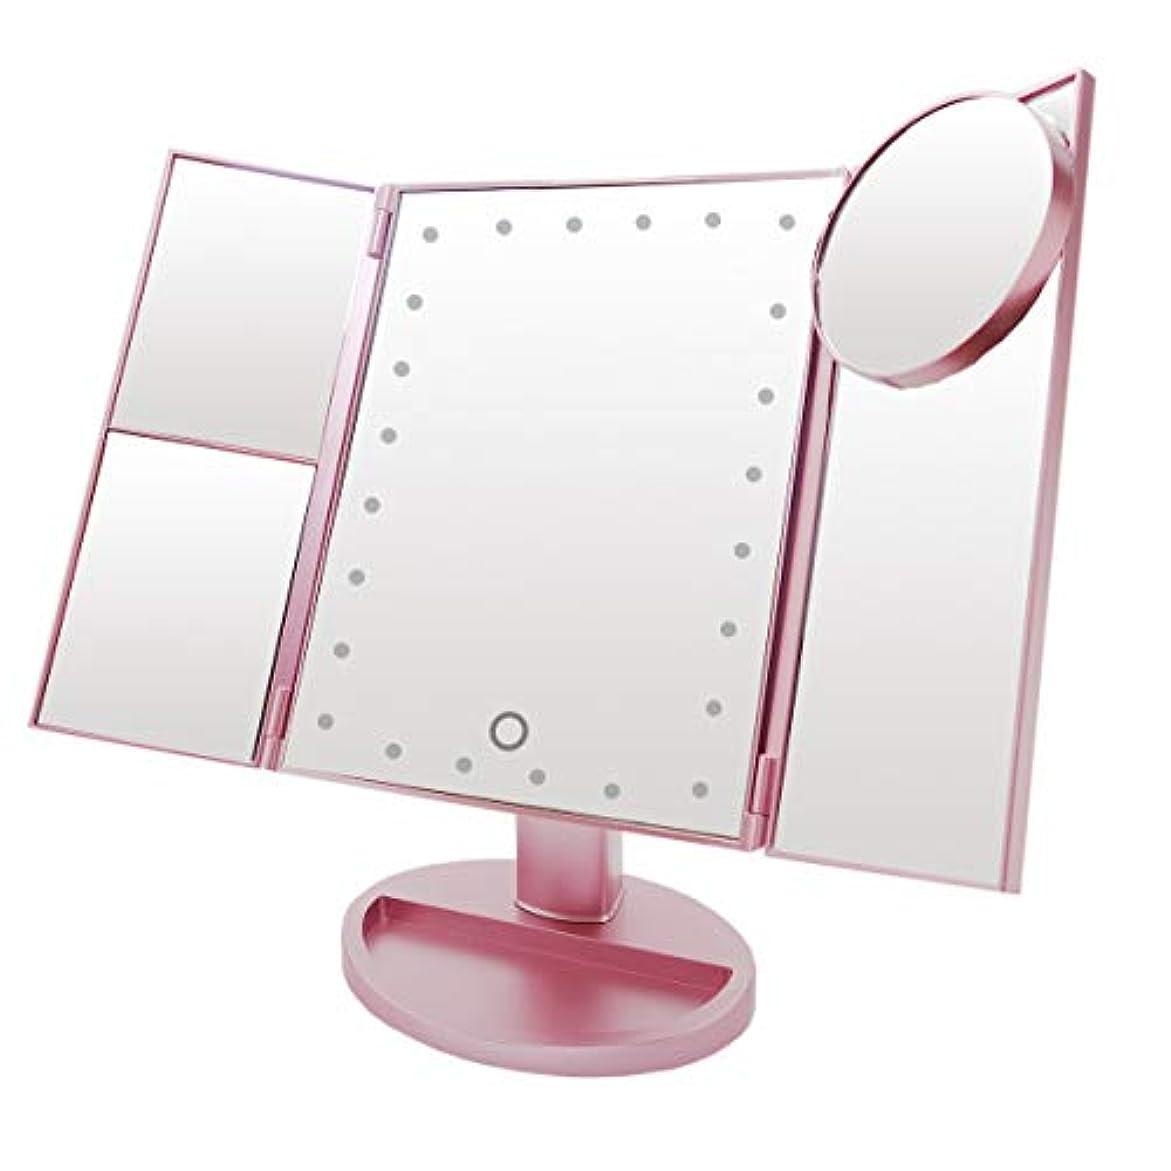 離れたどうしたのアマチュアLa Curie LED付き三面鏡 卓上スタンドミラー 化粧鏡 LEDライト21灯 2倍&3倍拡大鏡付き 折りたたみ式 スタンド ミラー タッチパネル 明るさ 角度自由調整 安心の12ヶ月保証&日本語説明書 (ピンク)...